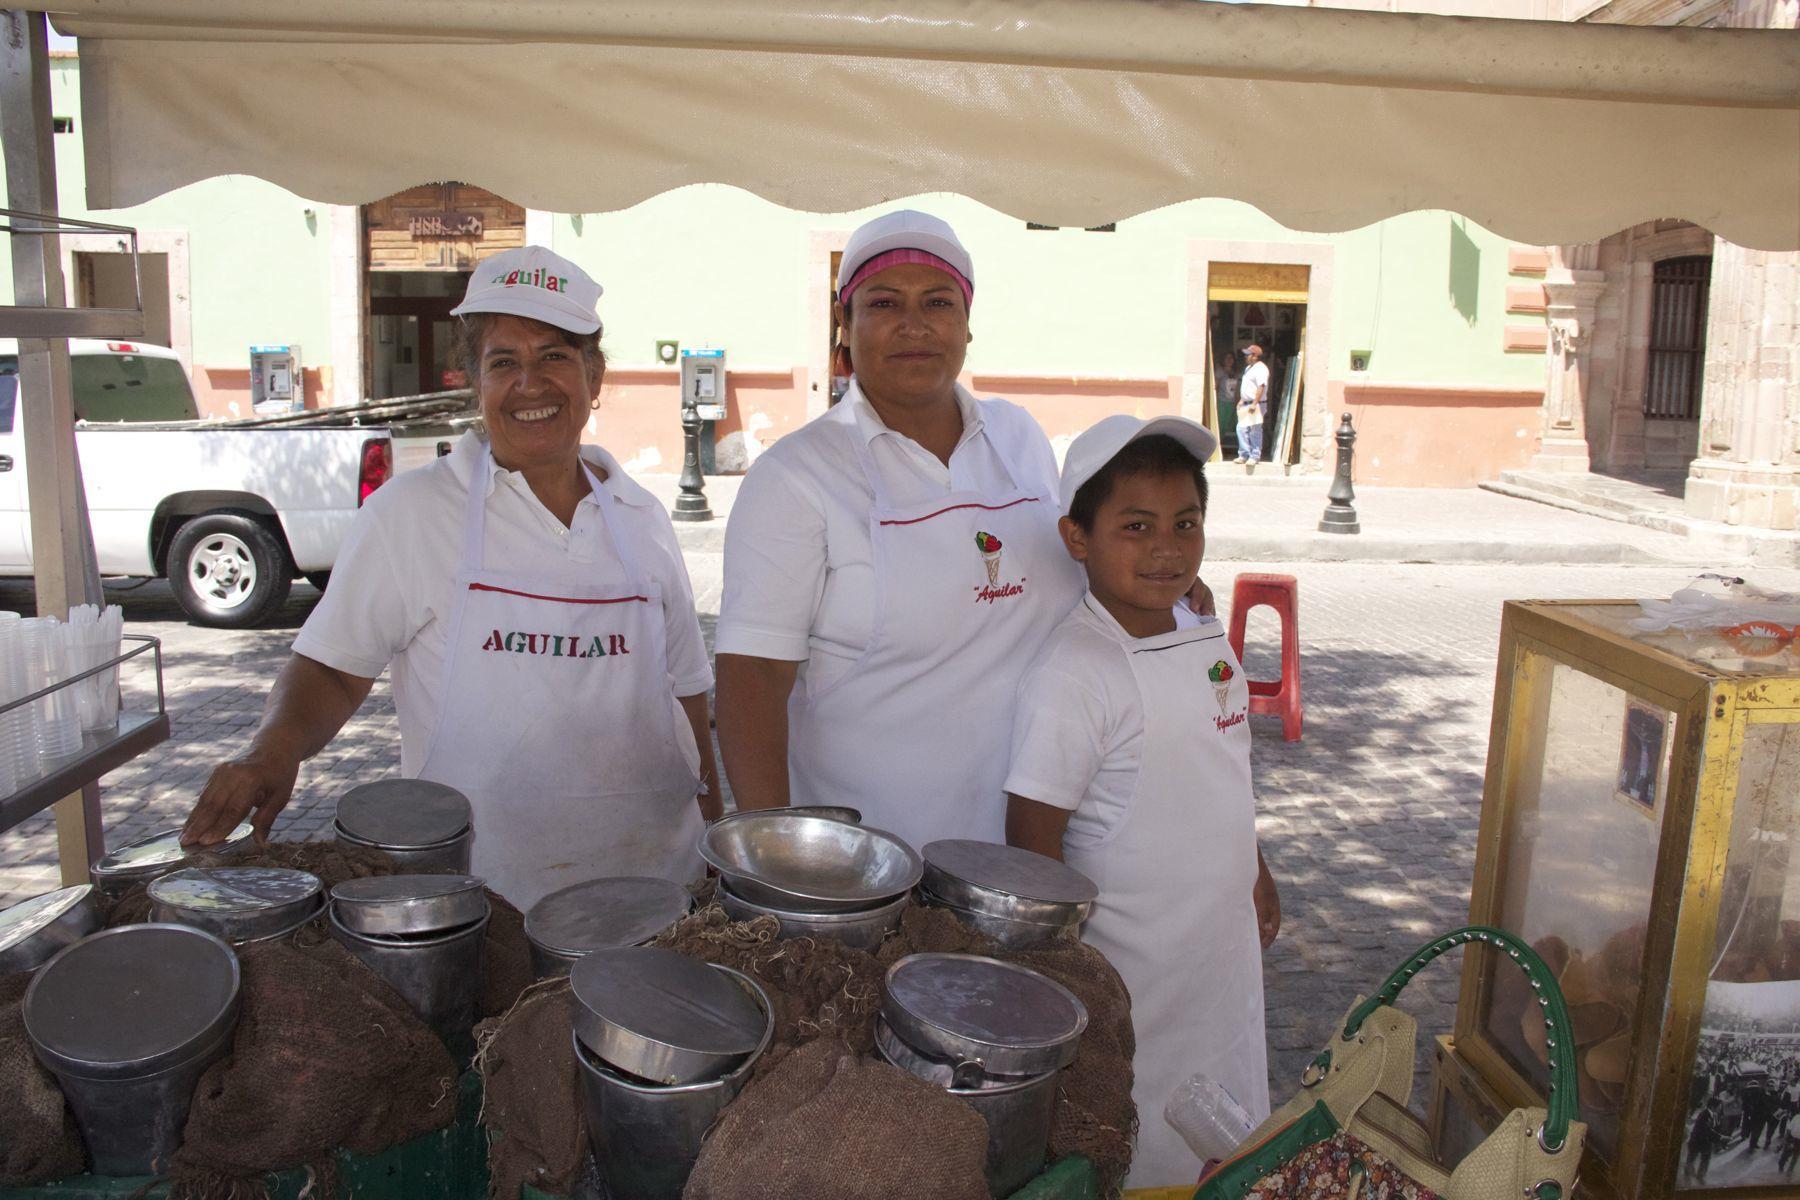 Helados Aguilar, Dolores Hidalgo, Mexico - 12